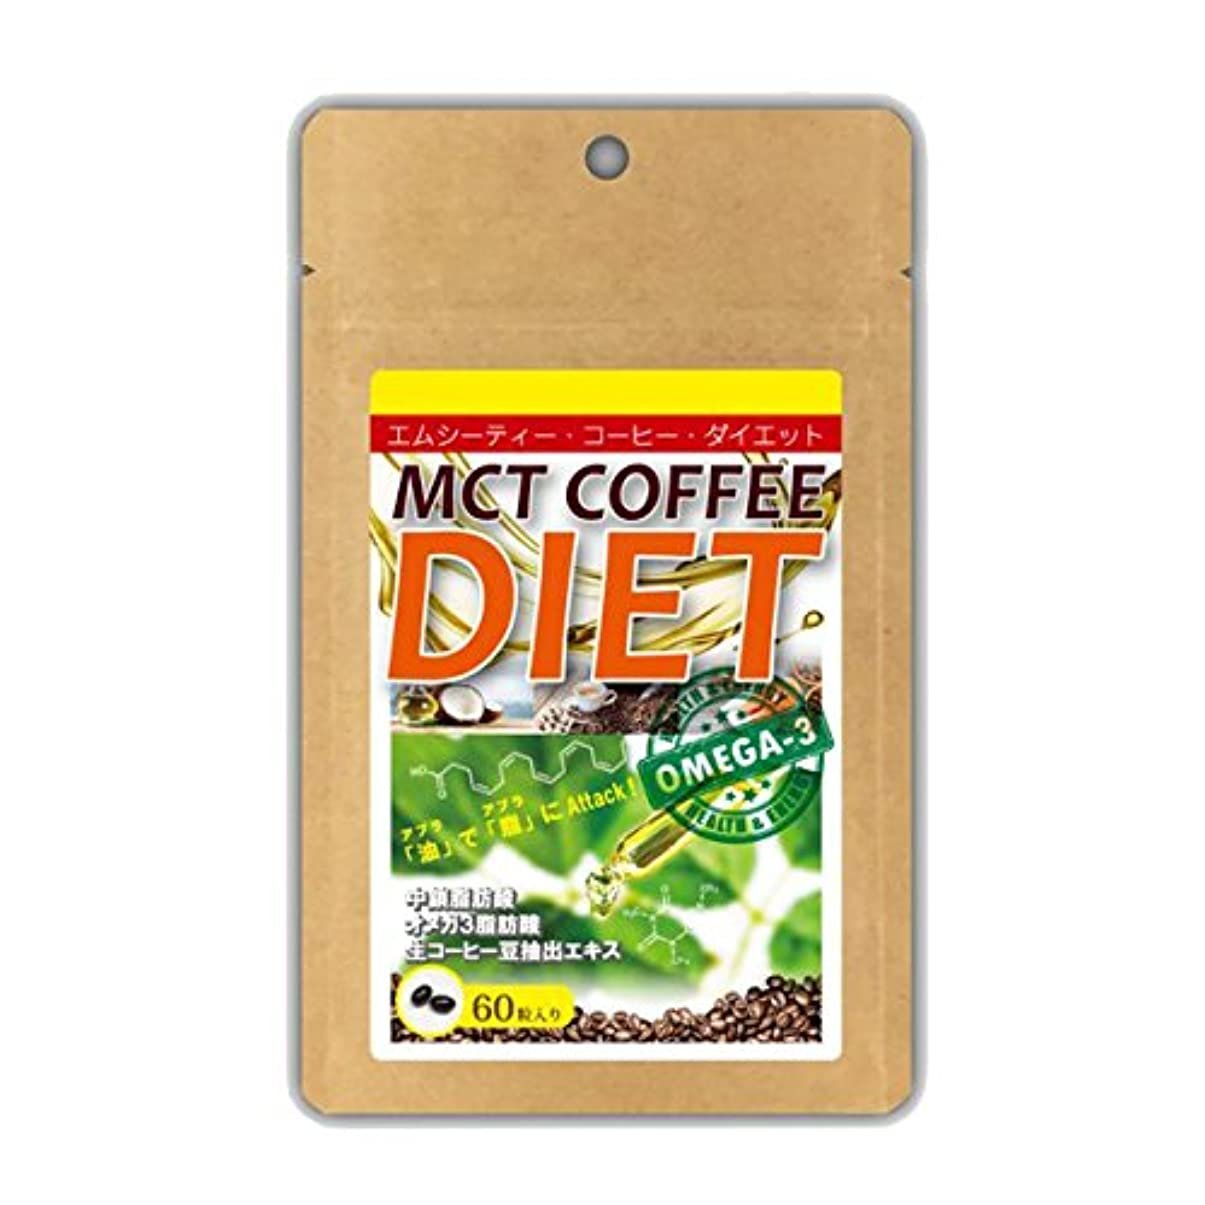 食事を調理する影響を受けやすいですみなす【MCTオイル】MCTコーヒーダイエット 60カプセル入り